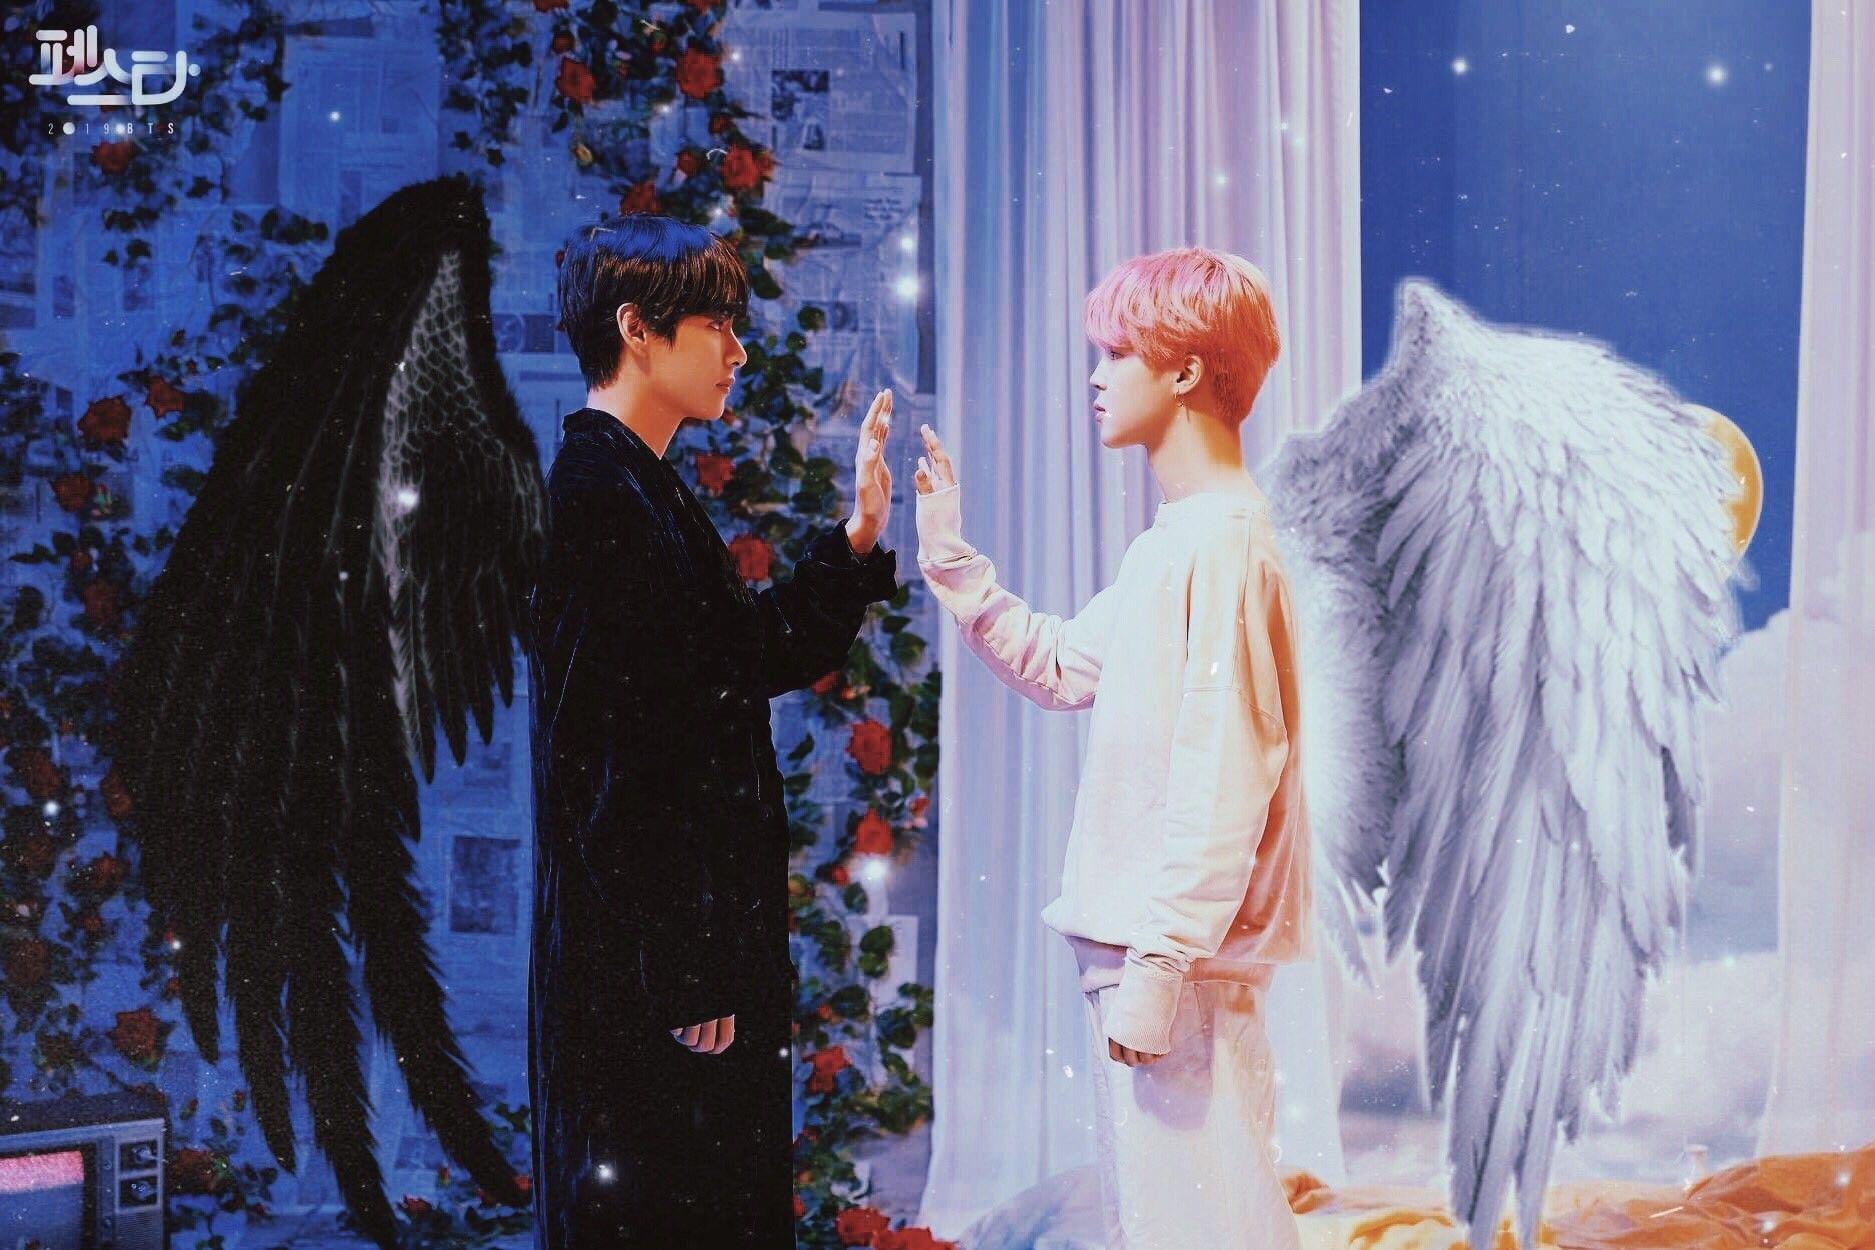 BTS Festa × BTS Via Twitter 02-06-2019 Evil Vs Angel Edit